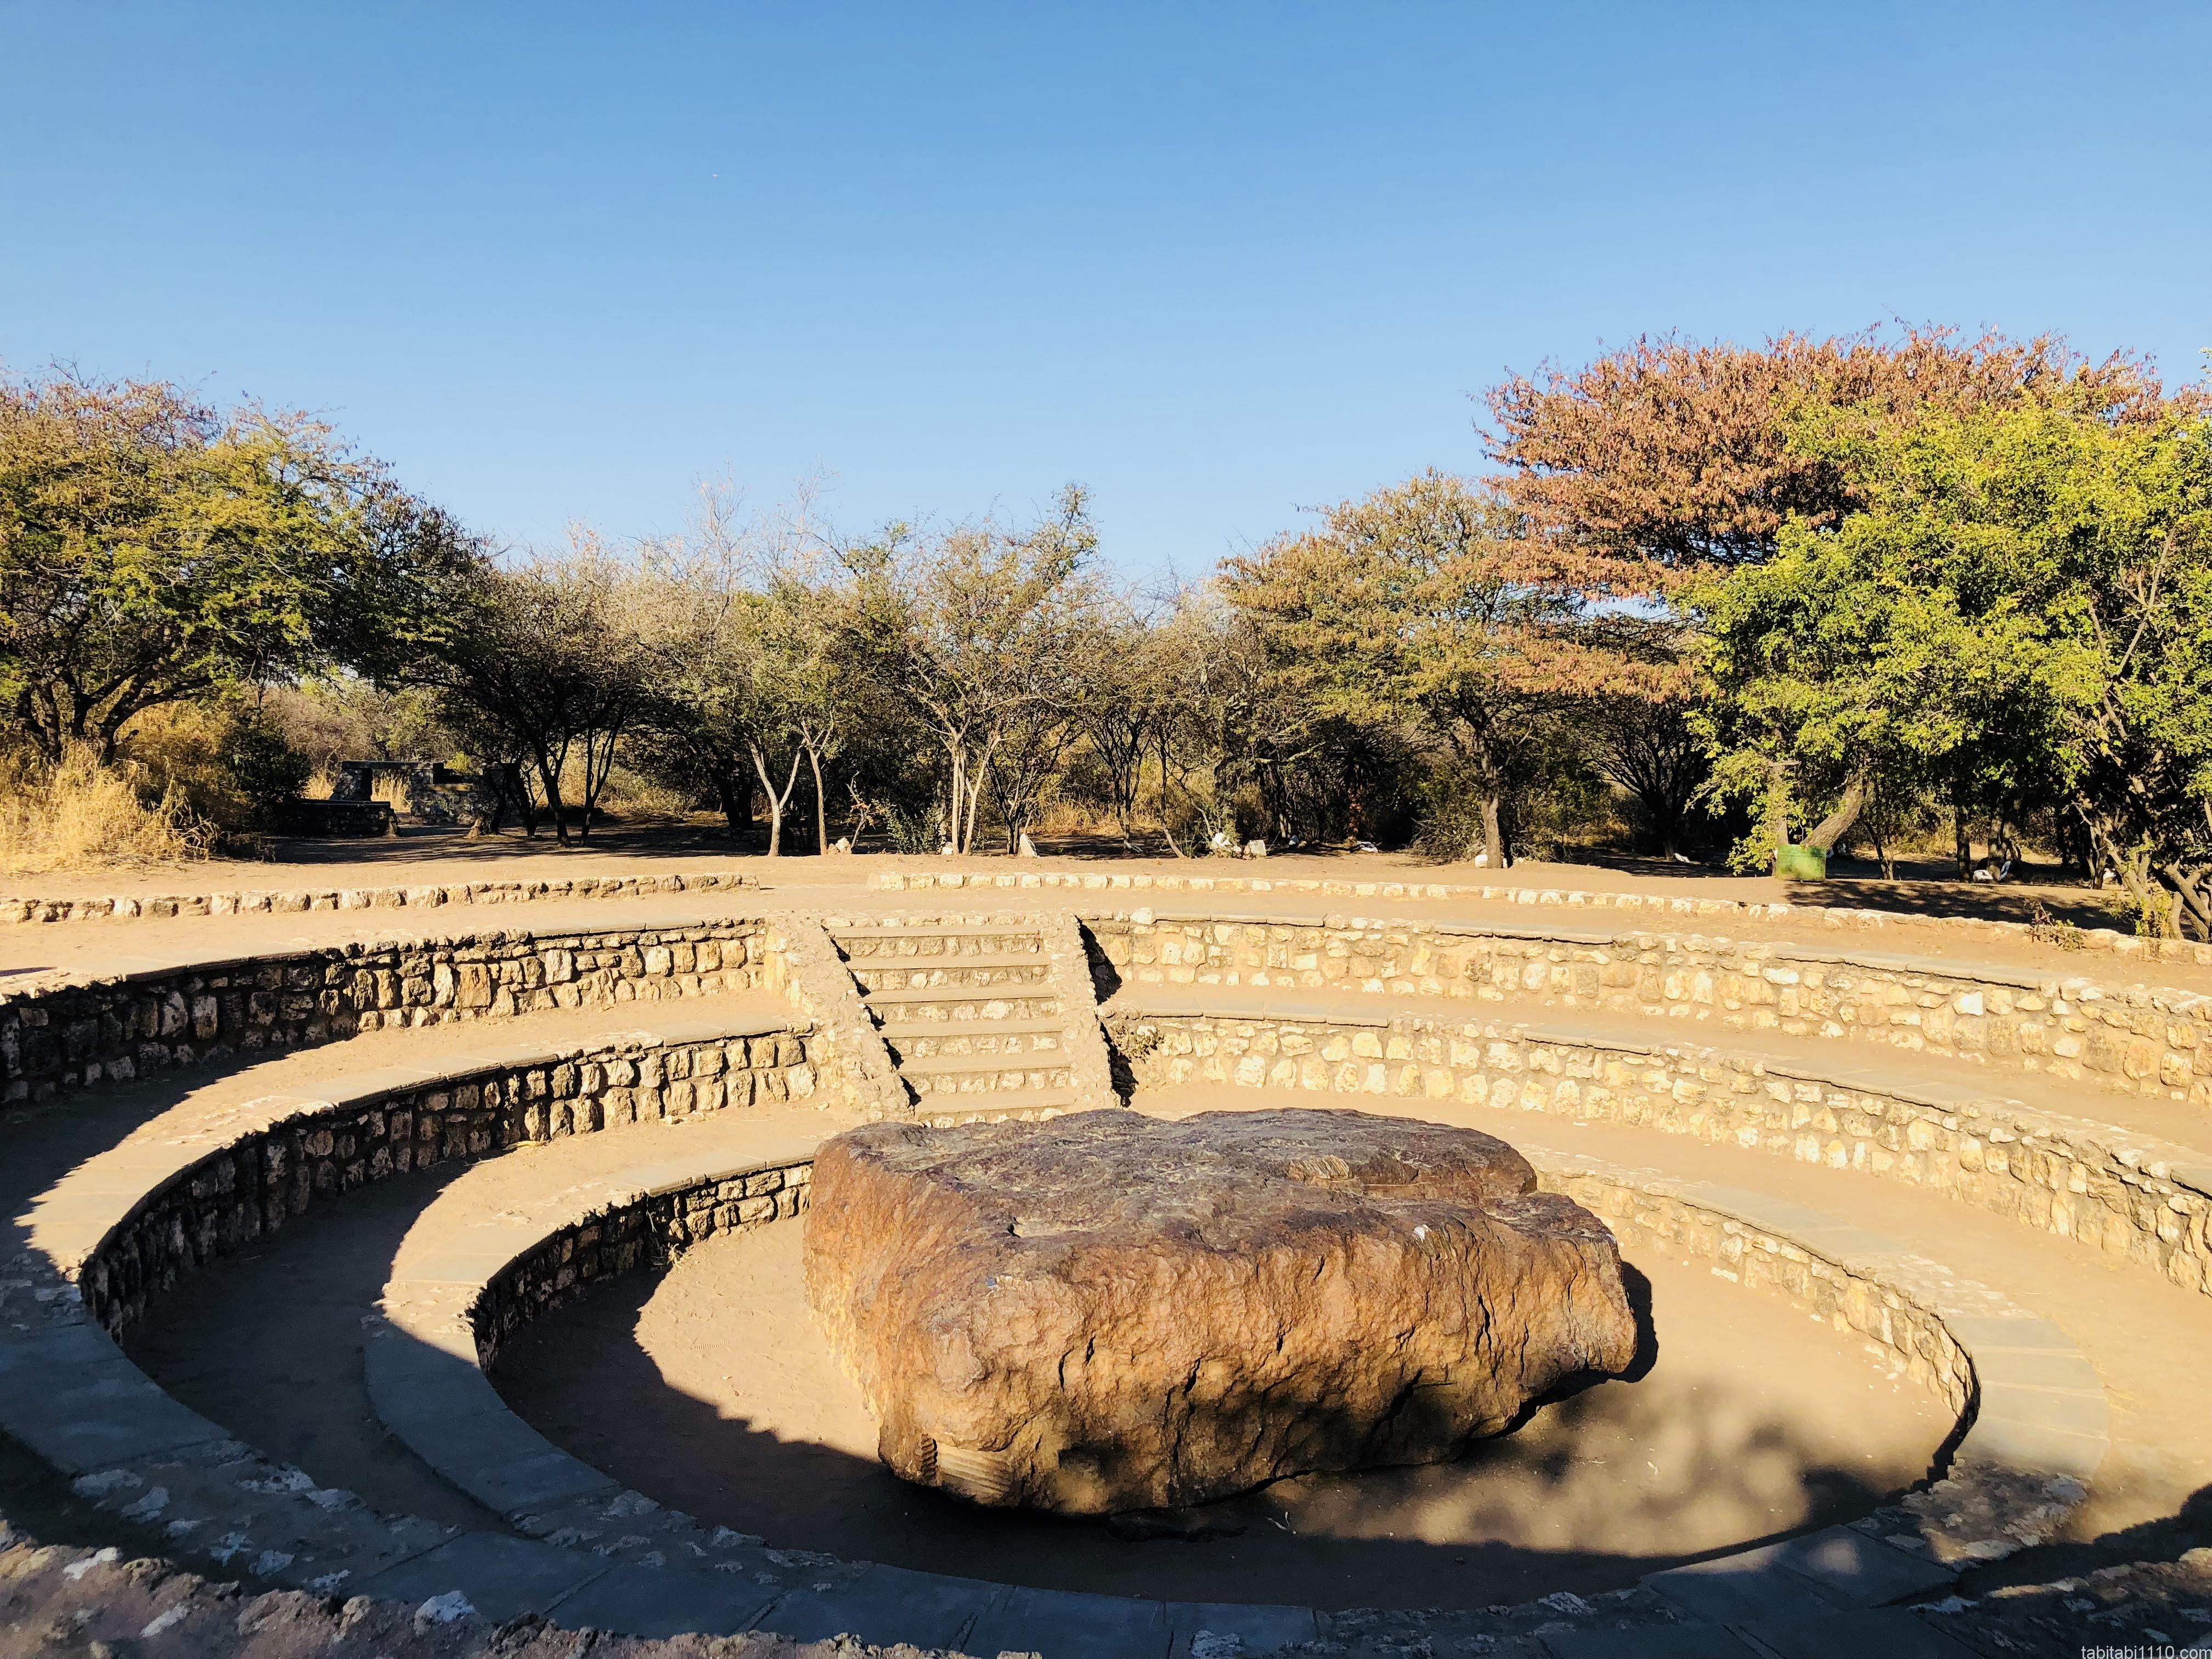 ナミビア|ホバ隕石